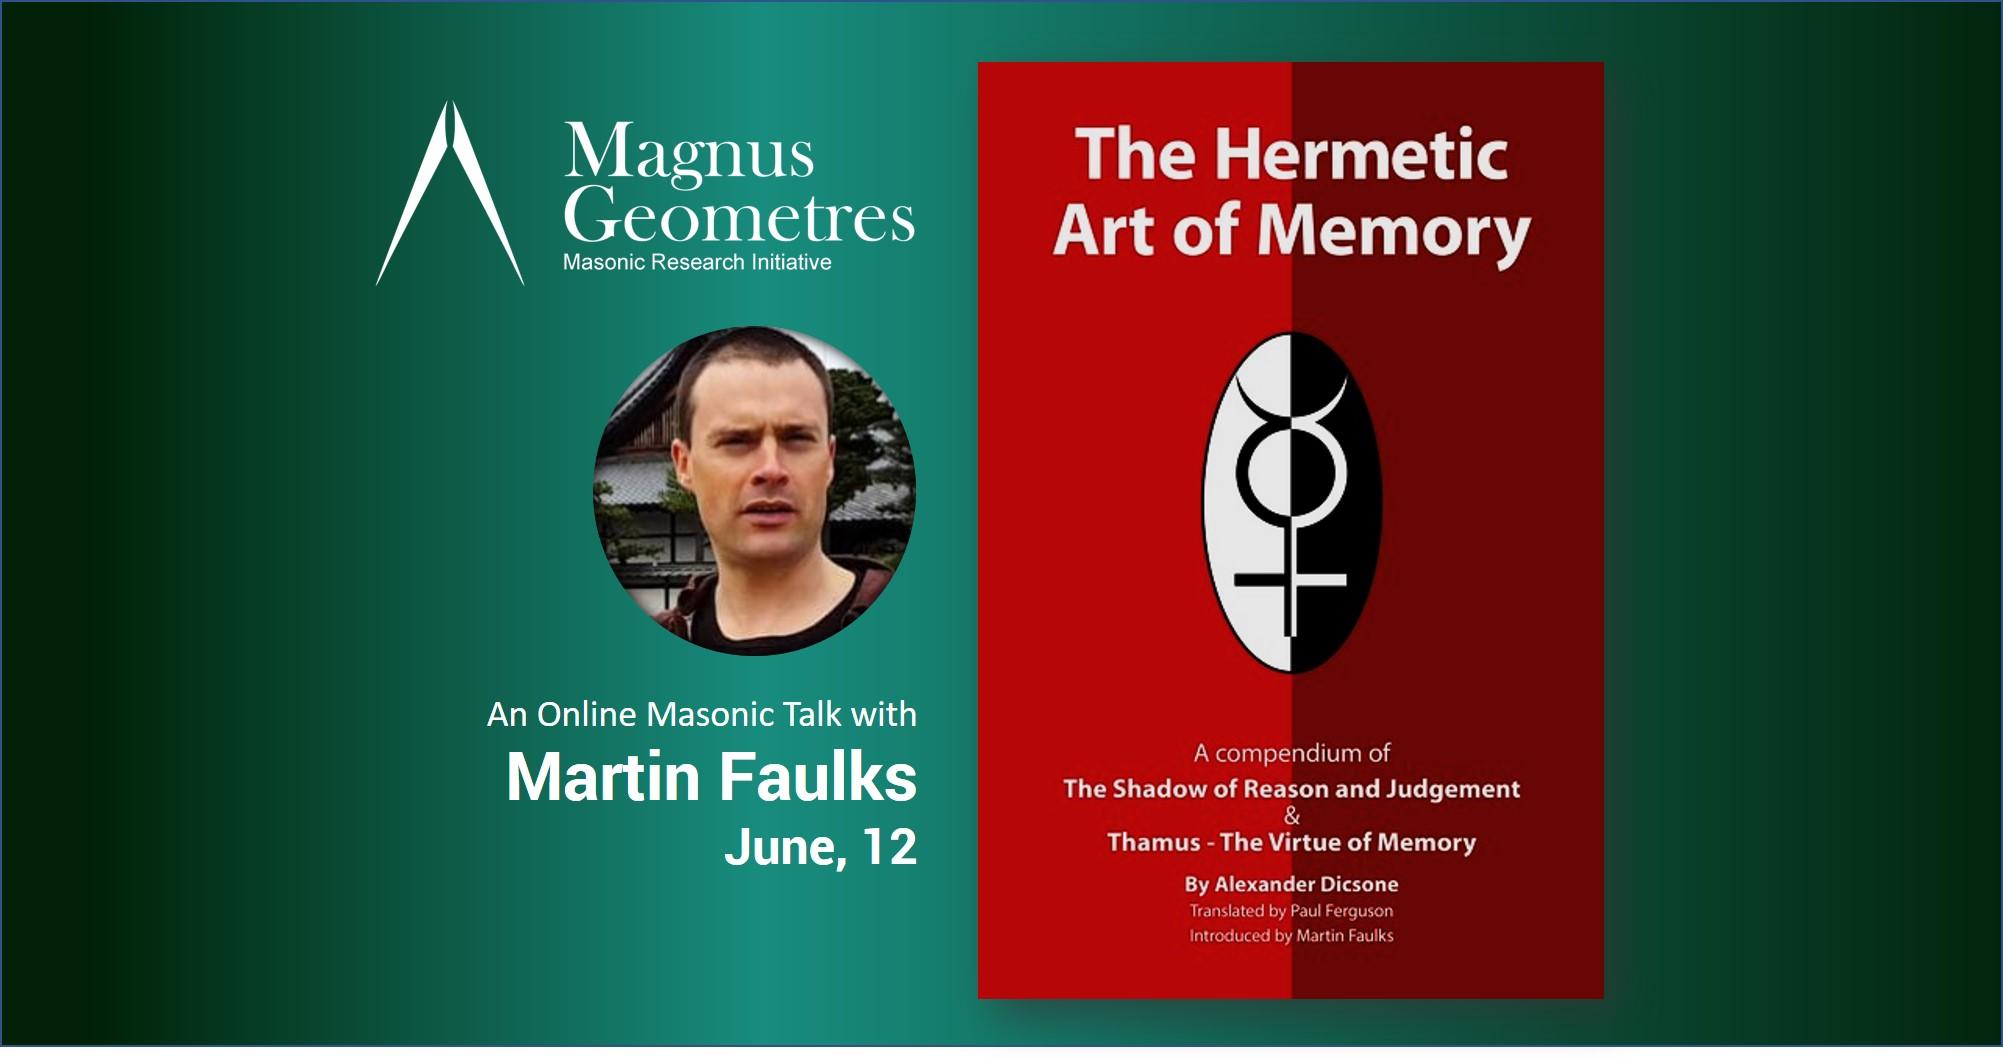 Hermetic art of memory The Hermetic Art of Memory By Brother Martin Faulk